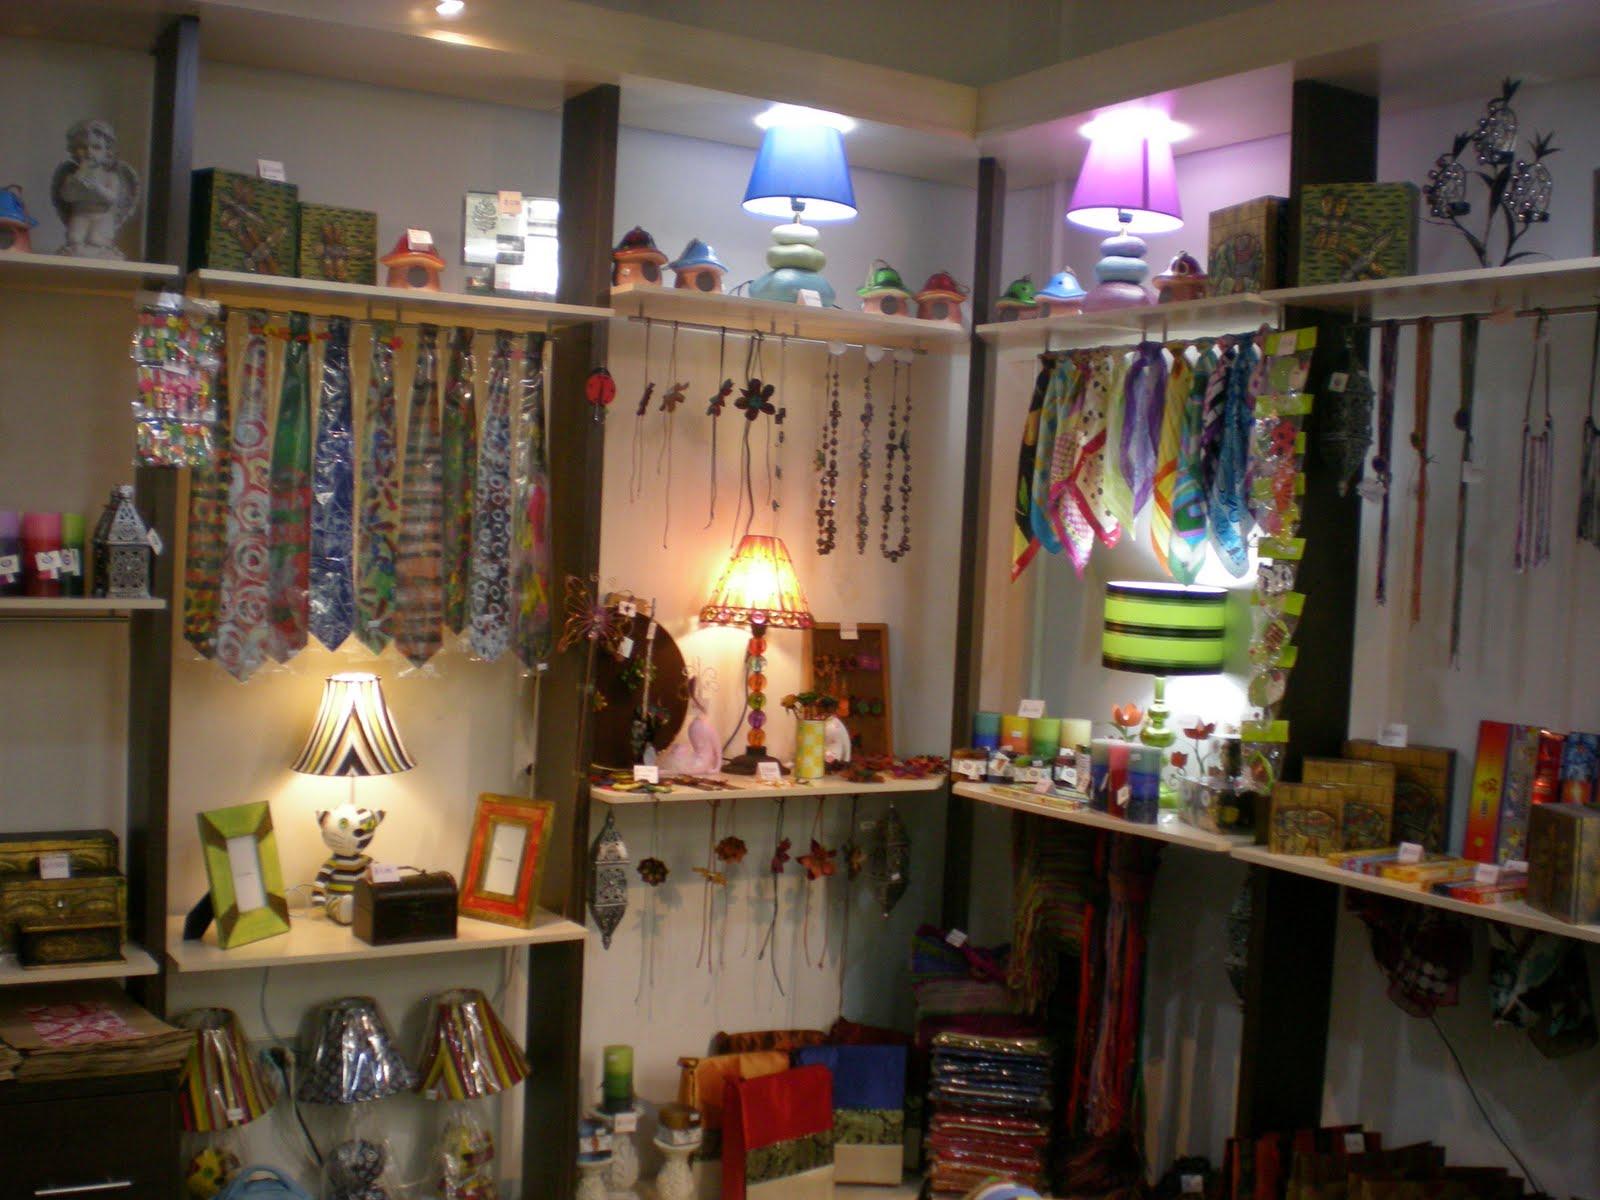 Suscriptores diario el centro febrero 2011 for Decoracion de accesorios